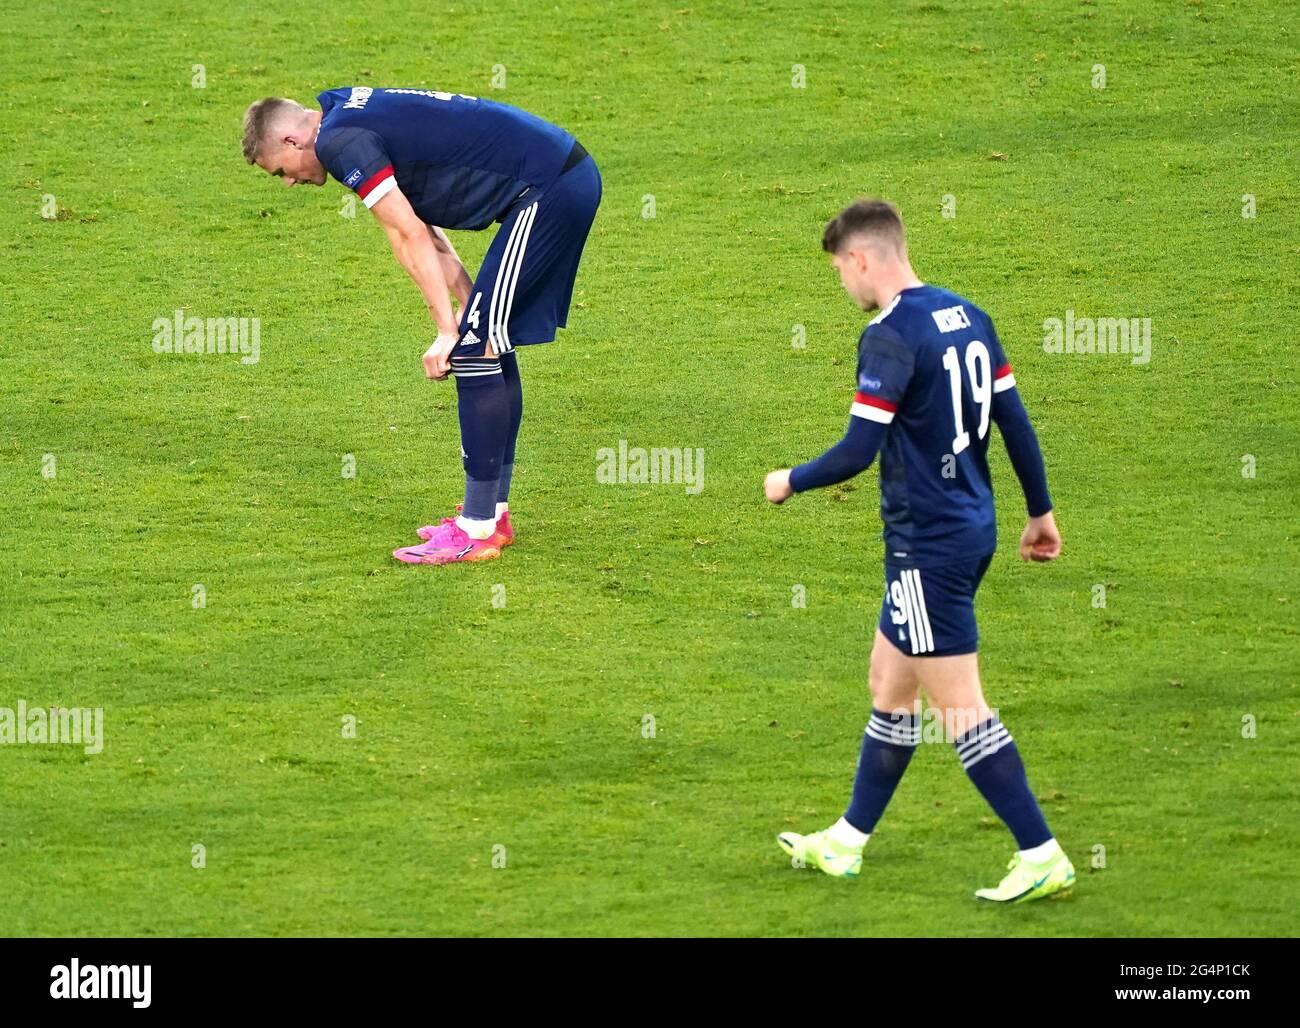 Les joueurs écossais réagissent après le coup de sifflet final lors du match de l'UEFA Euro 2020 Group D à Hampden Park, Glasgow. Date de la photo: Mardi 22 juin 2021. Banque D'Images